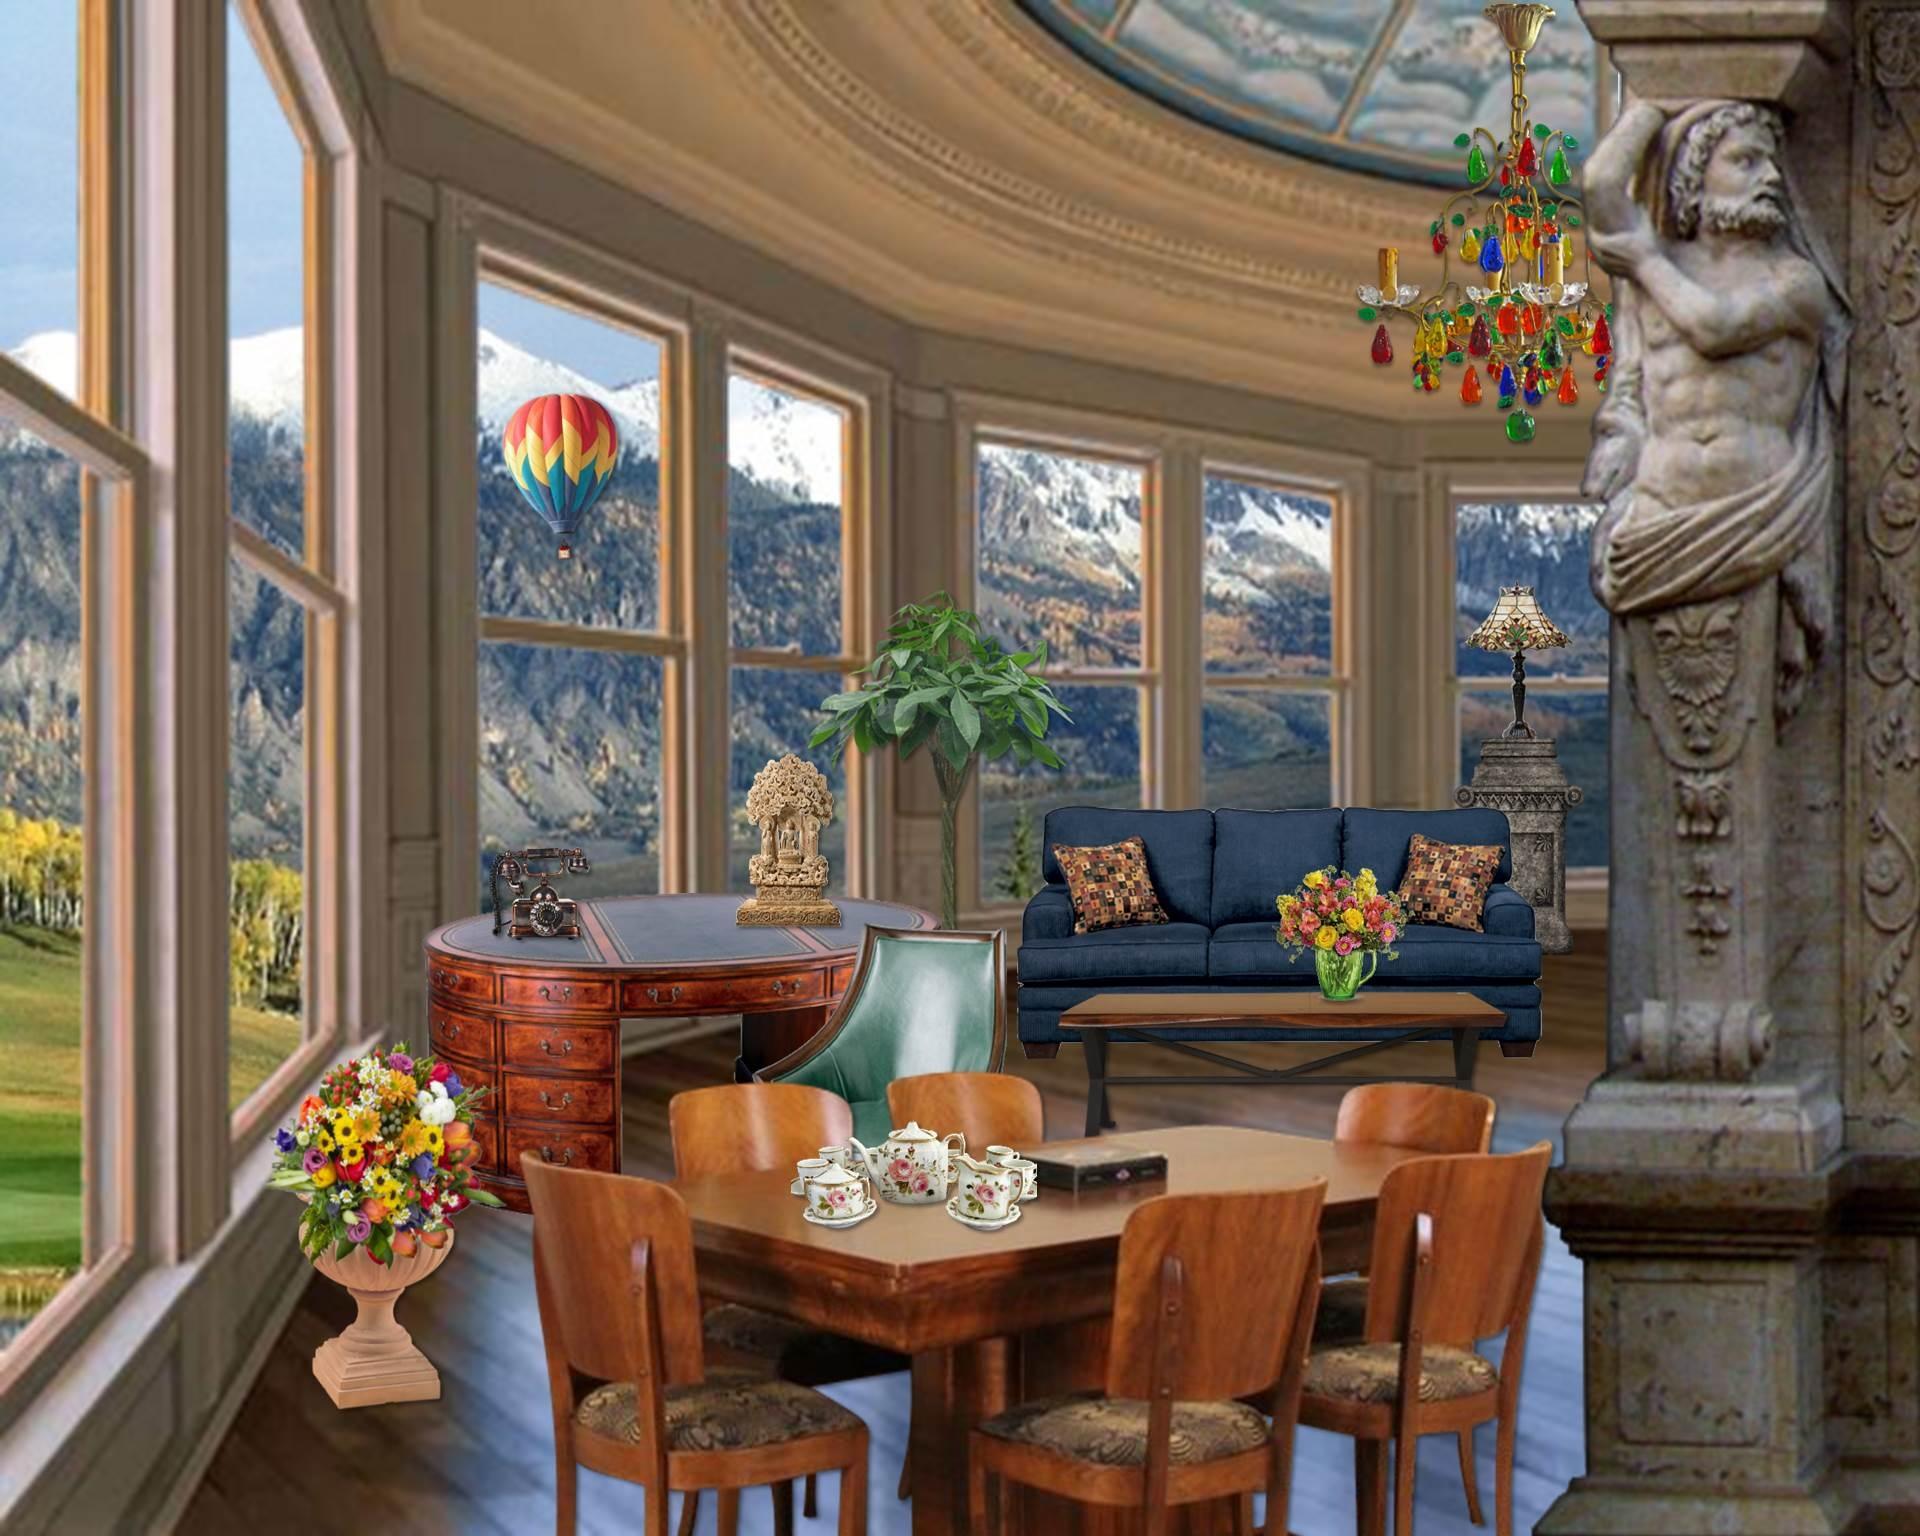 maison 3d bourgeoise intérieur images photos gratuites | images ...